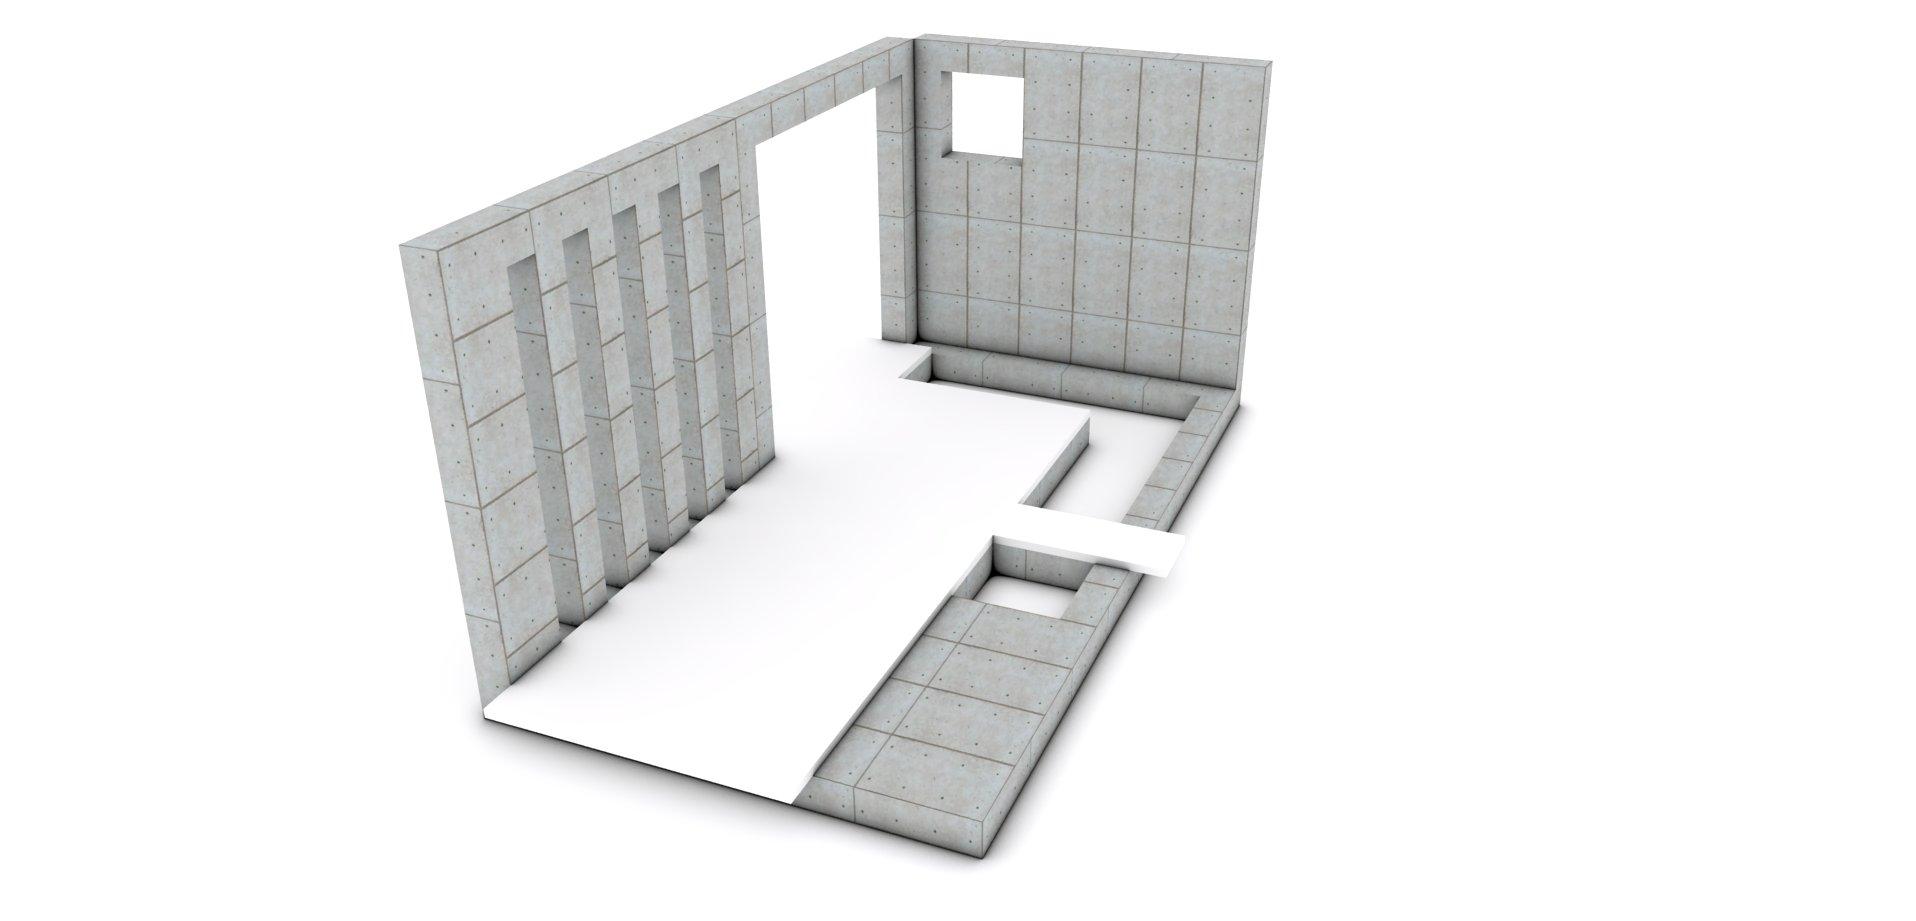 Concrete_Example 3.jpg